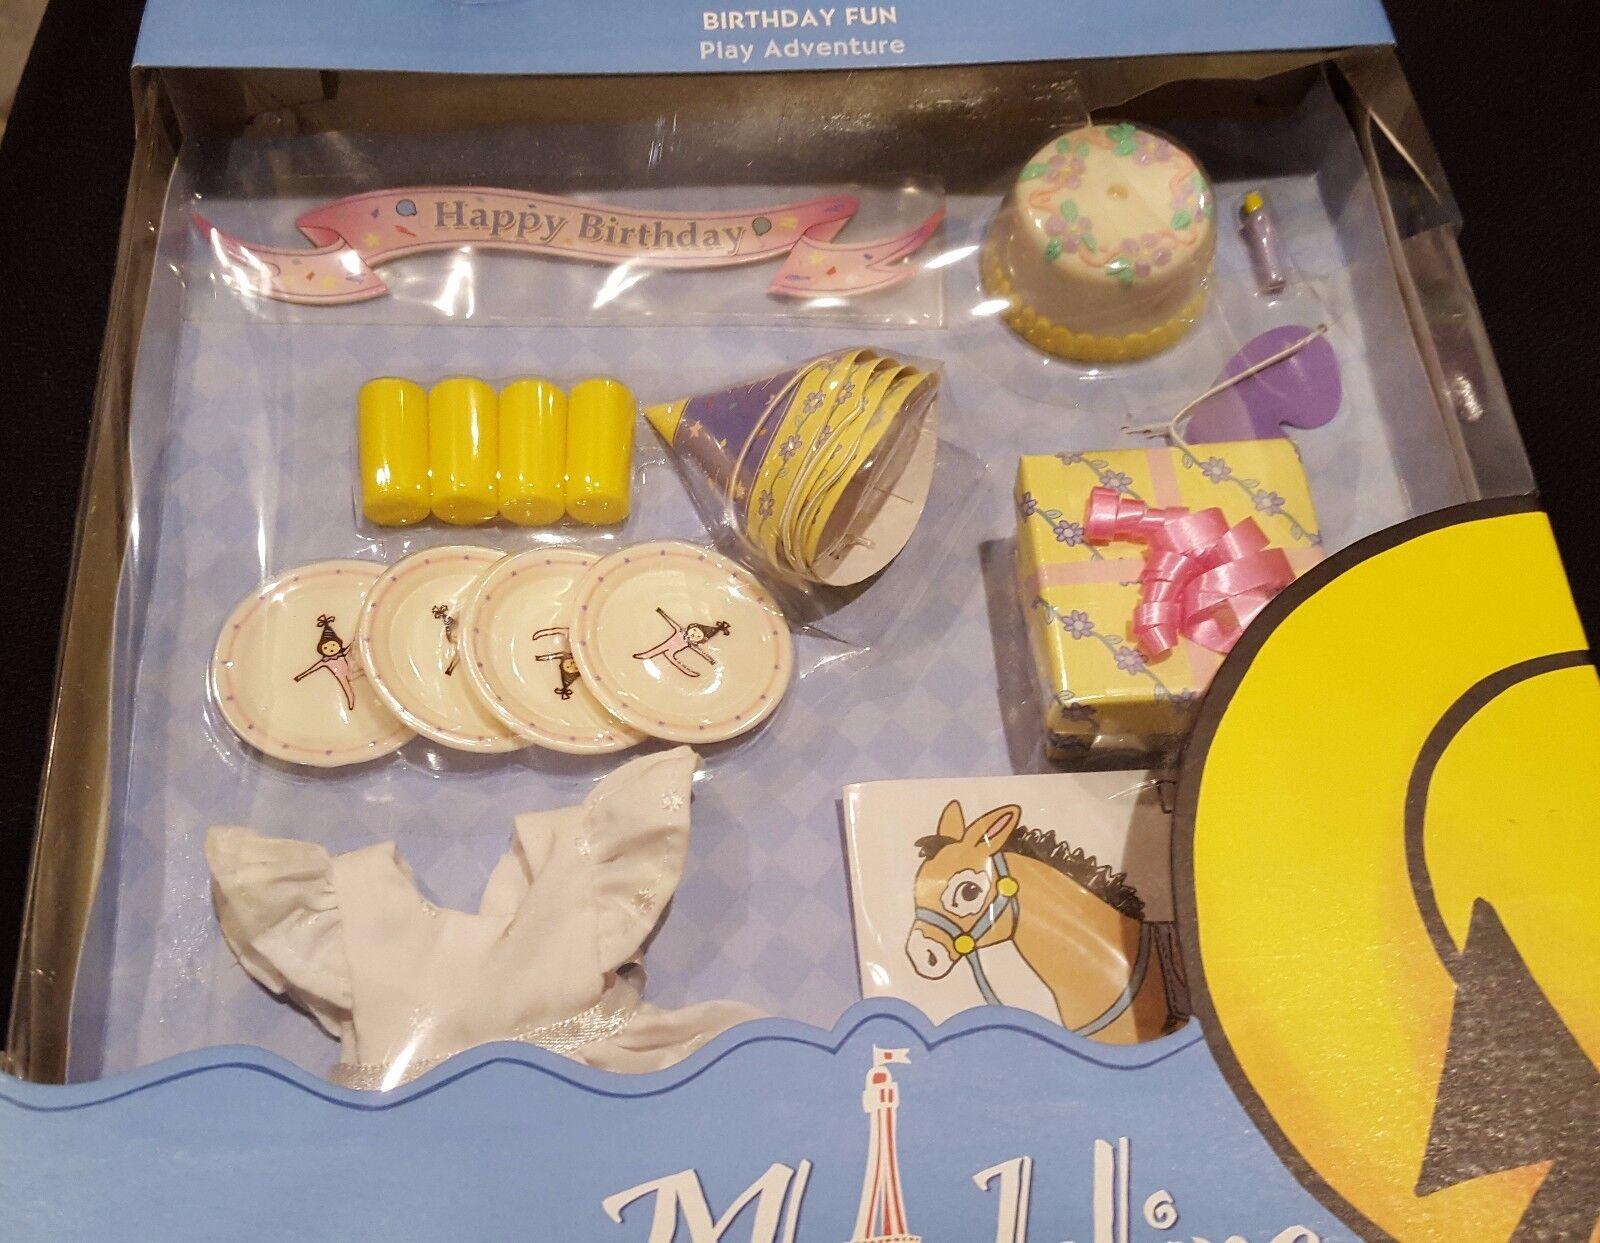 Nuevo Sombrero de Cumpleaños Diverdeido Madeline Muñeca 8 Placas Tazas Vestido Pastel presente juego B-día